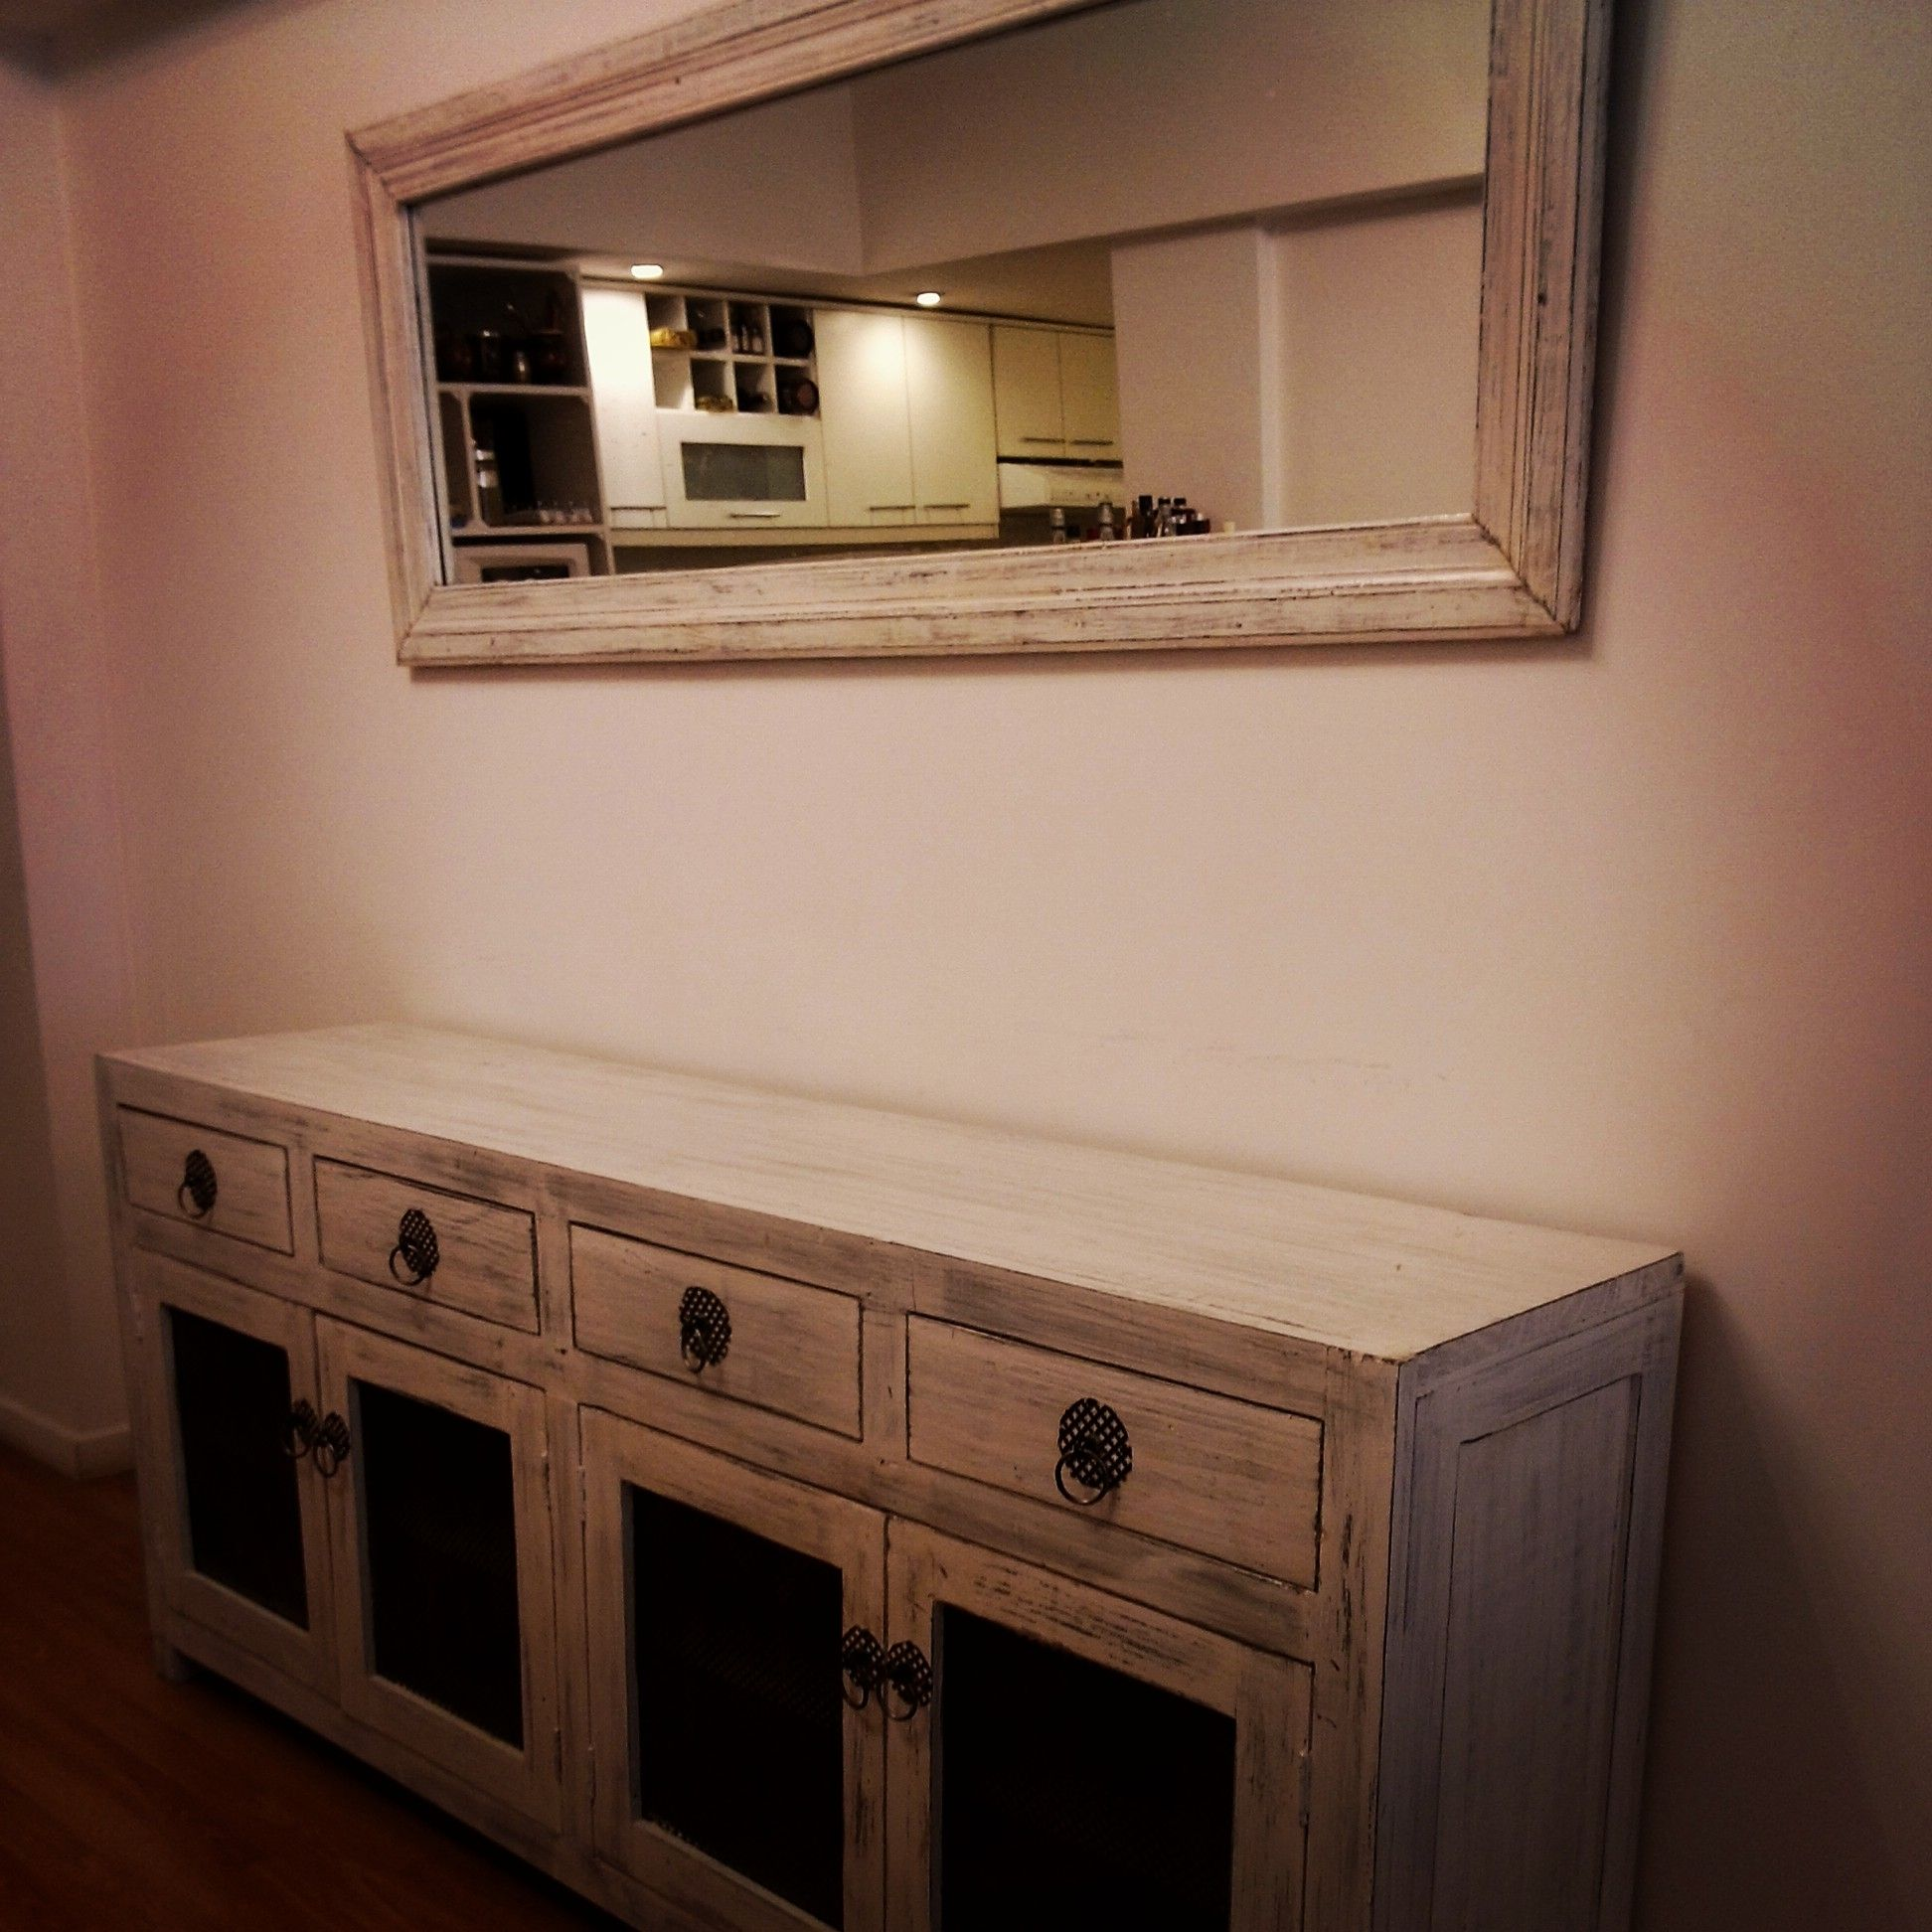 Vajillero y espejo home pinterest muebles de for Aparadores con espejo